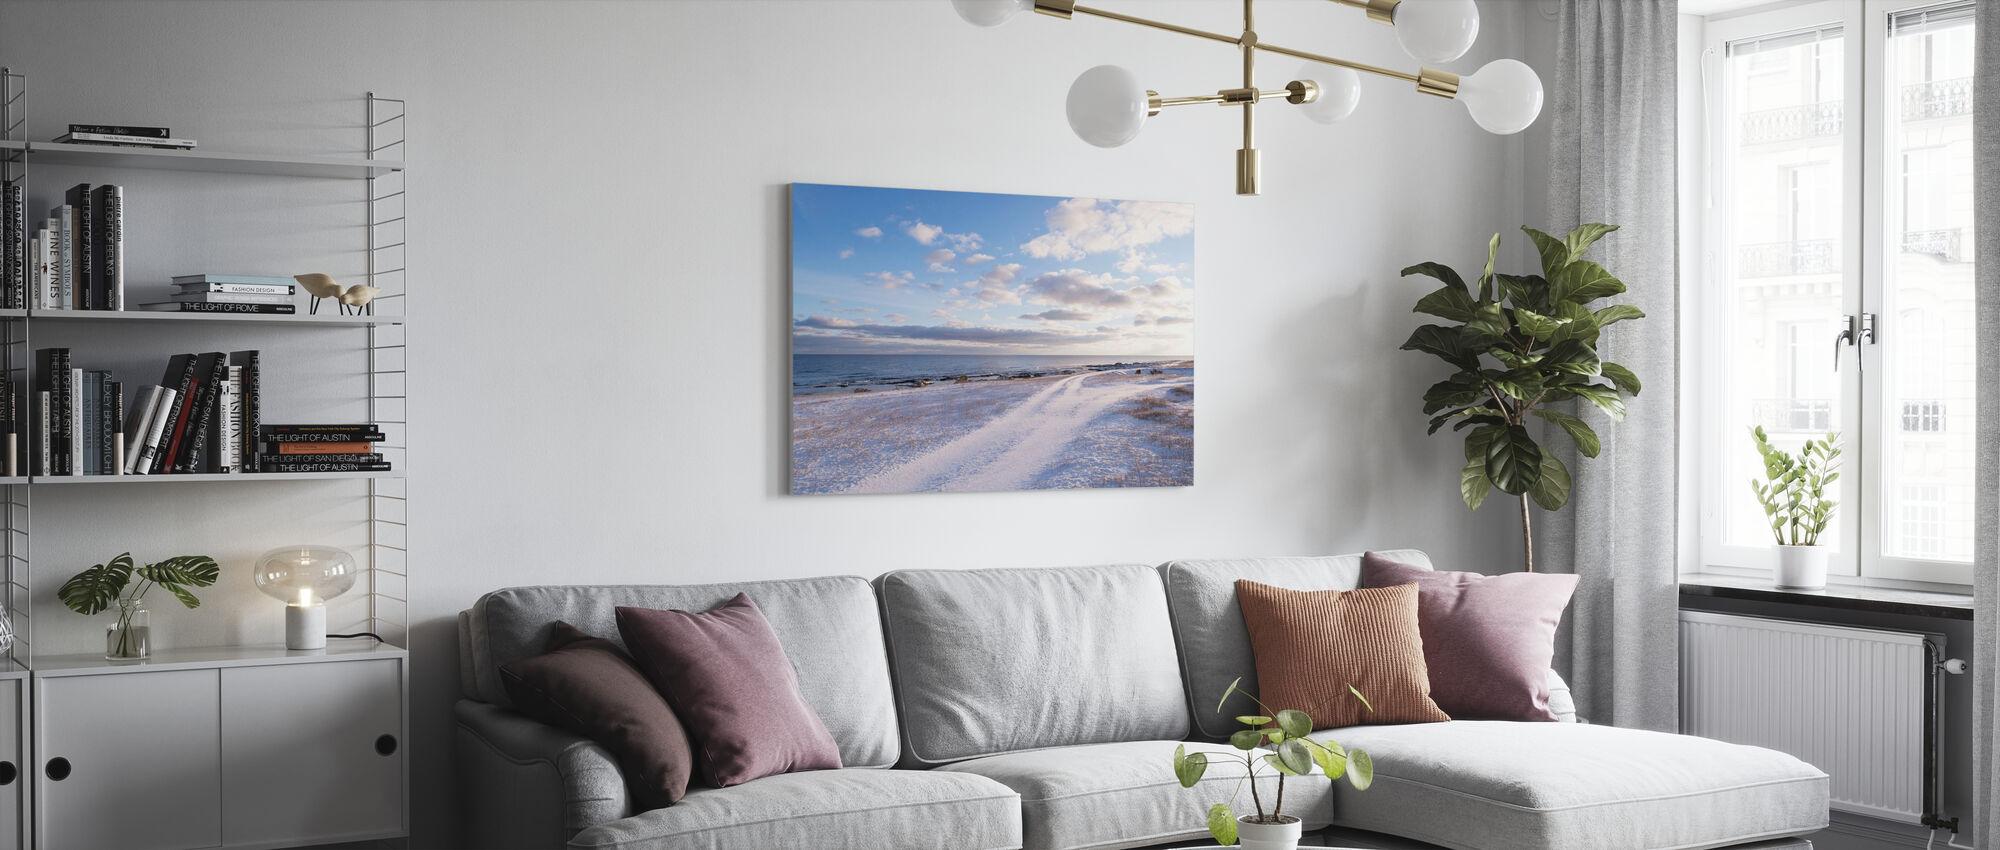 Vinterstrand på Gotland - Canvastavla - Vardagsrum